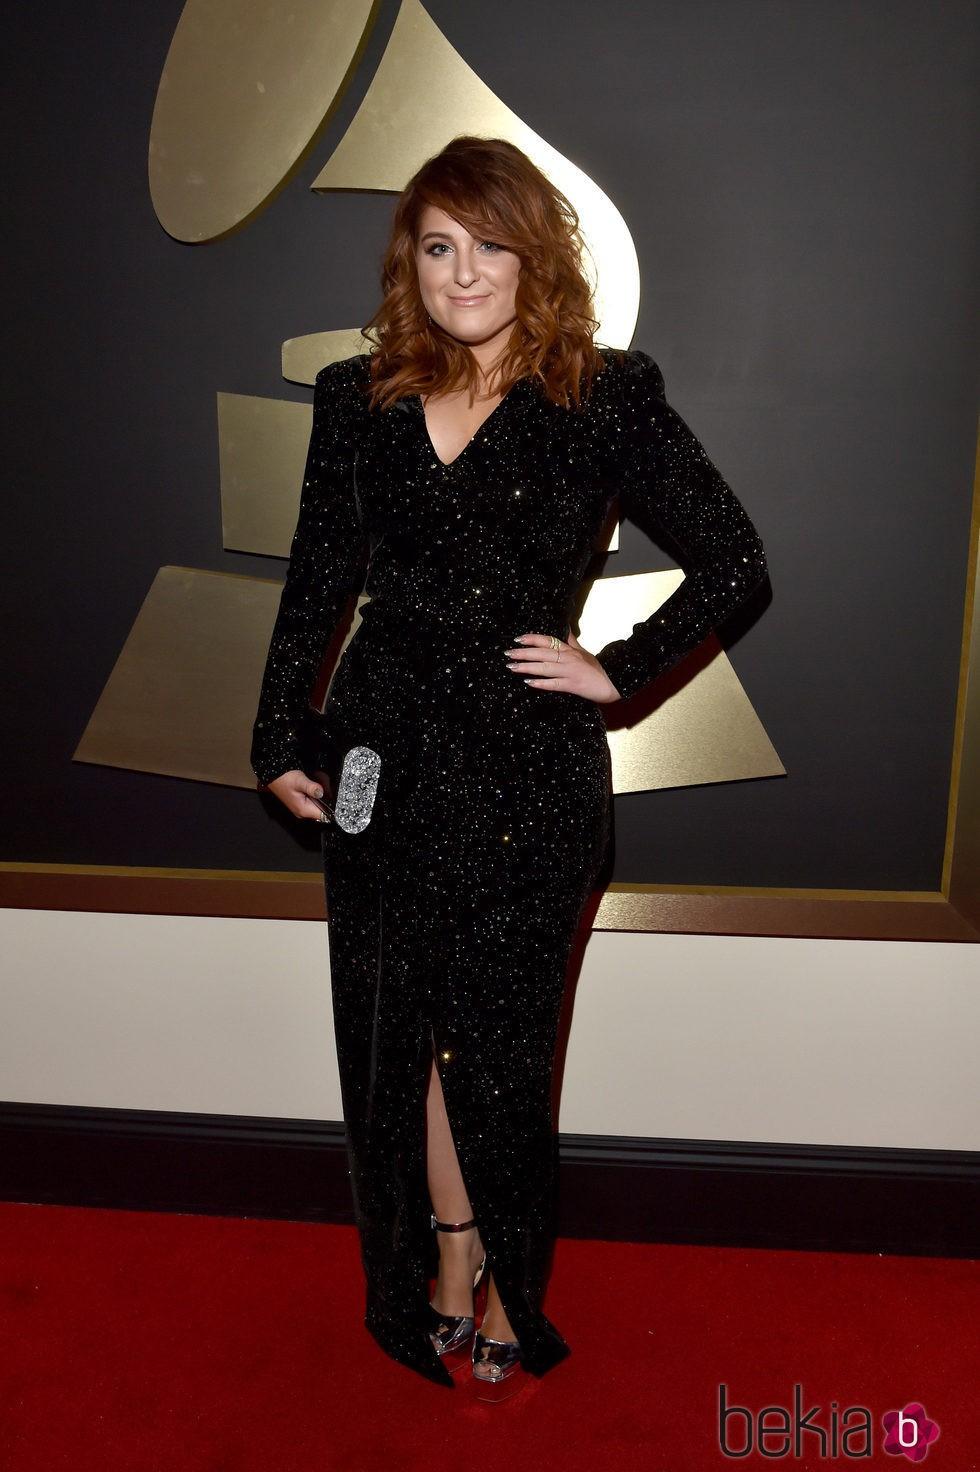 Meghan Trainor en la alfombra roja de los Premios Grammy 2016